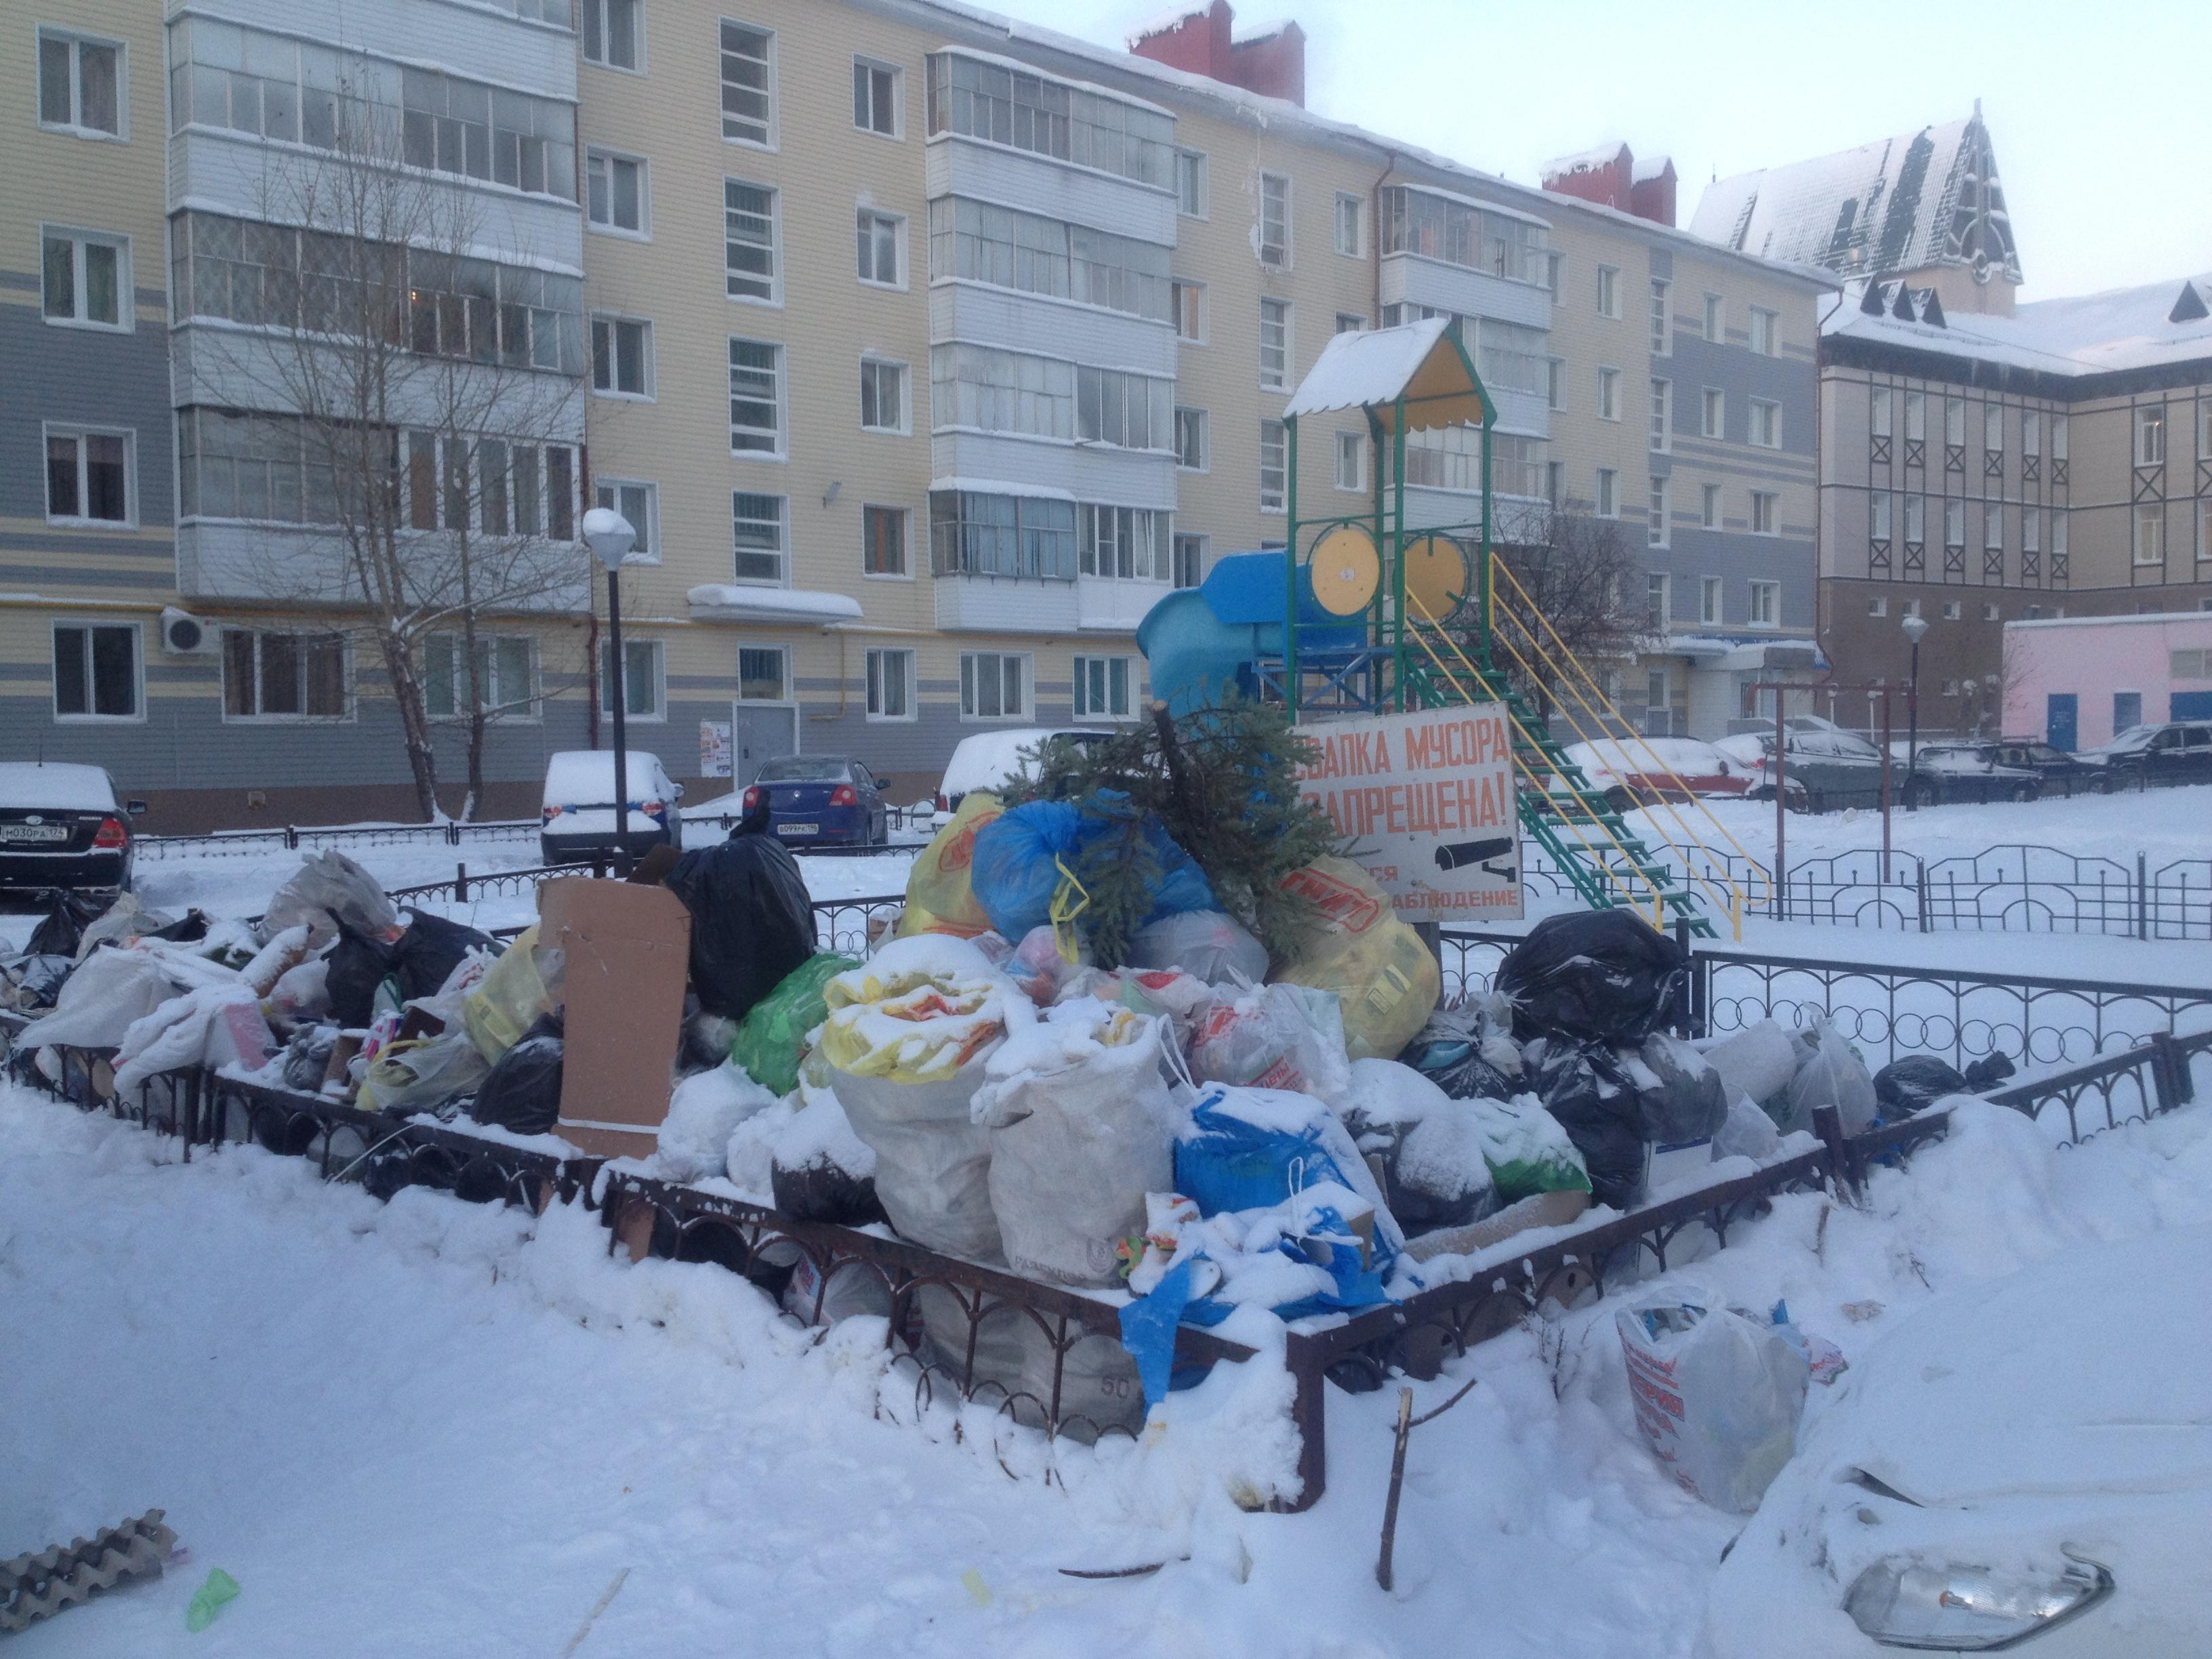 Коллапс по расписанию. Почему Россию завалило «новогодним» мусором